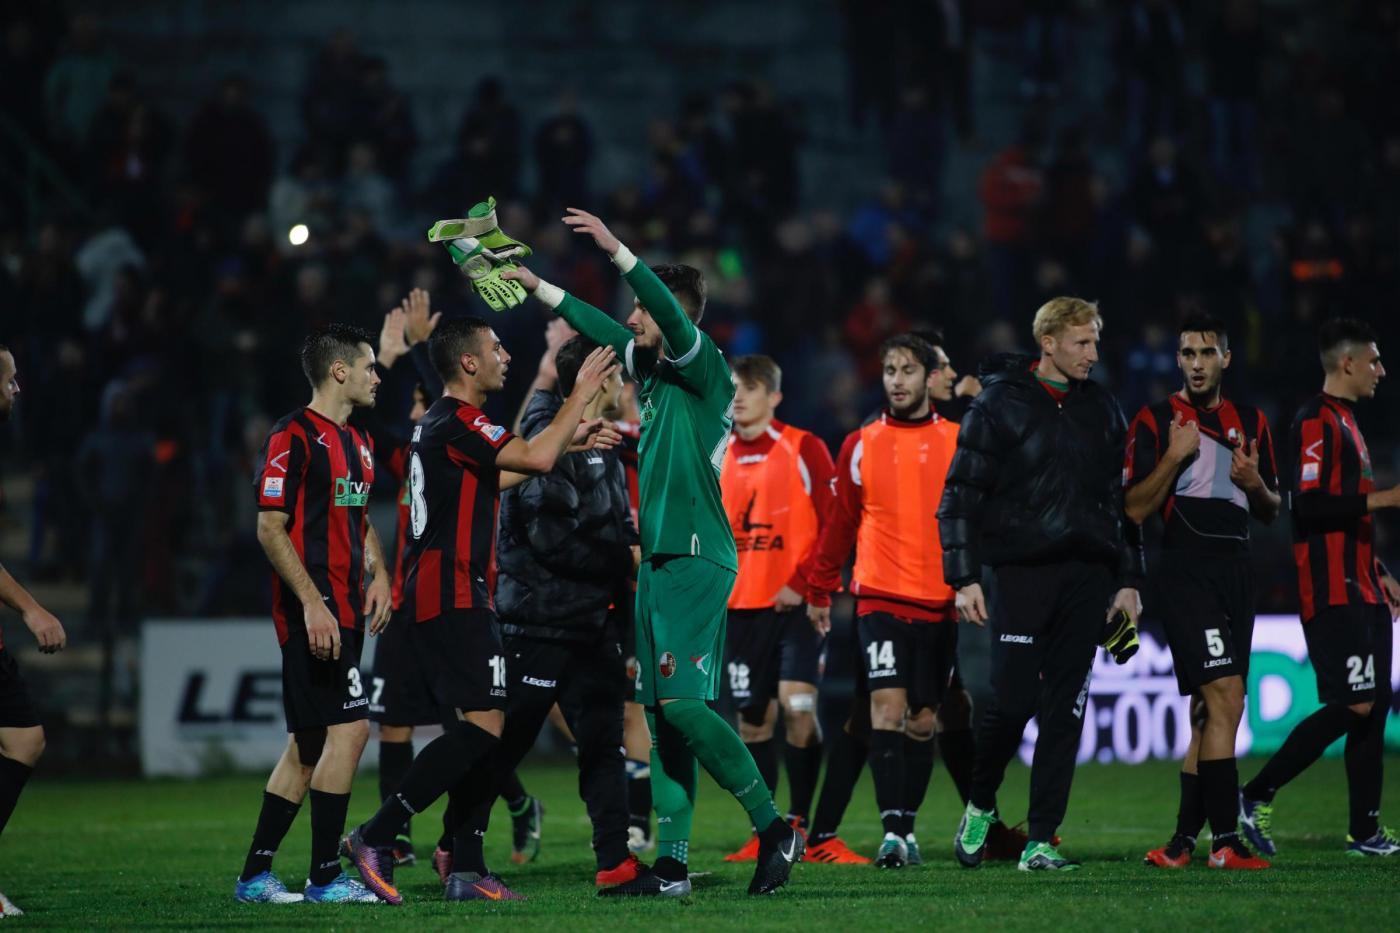 Serie C, Lucchese-Pisa 11 novembre: analisi e pronostico della giornata della terza divisione calcistica italiana